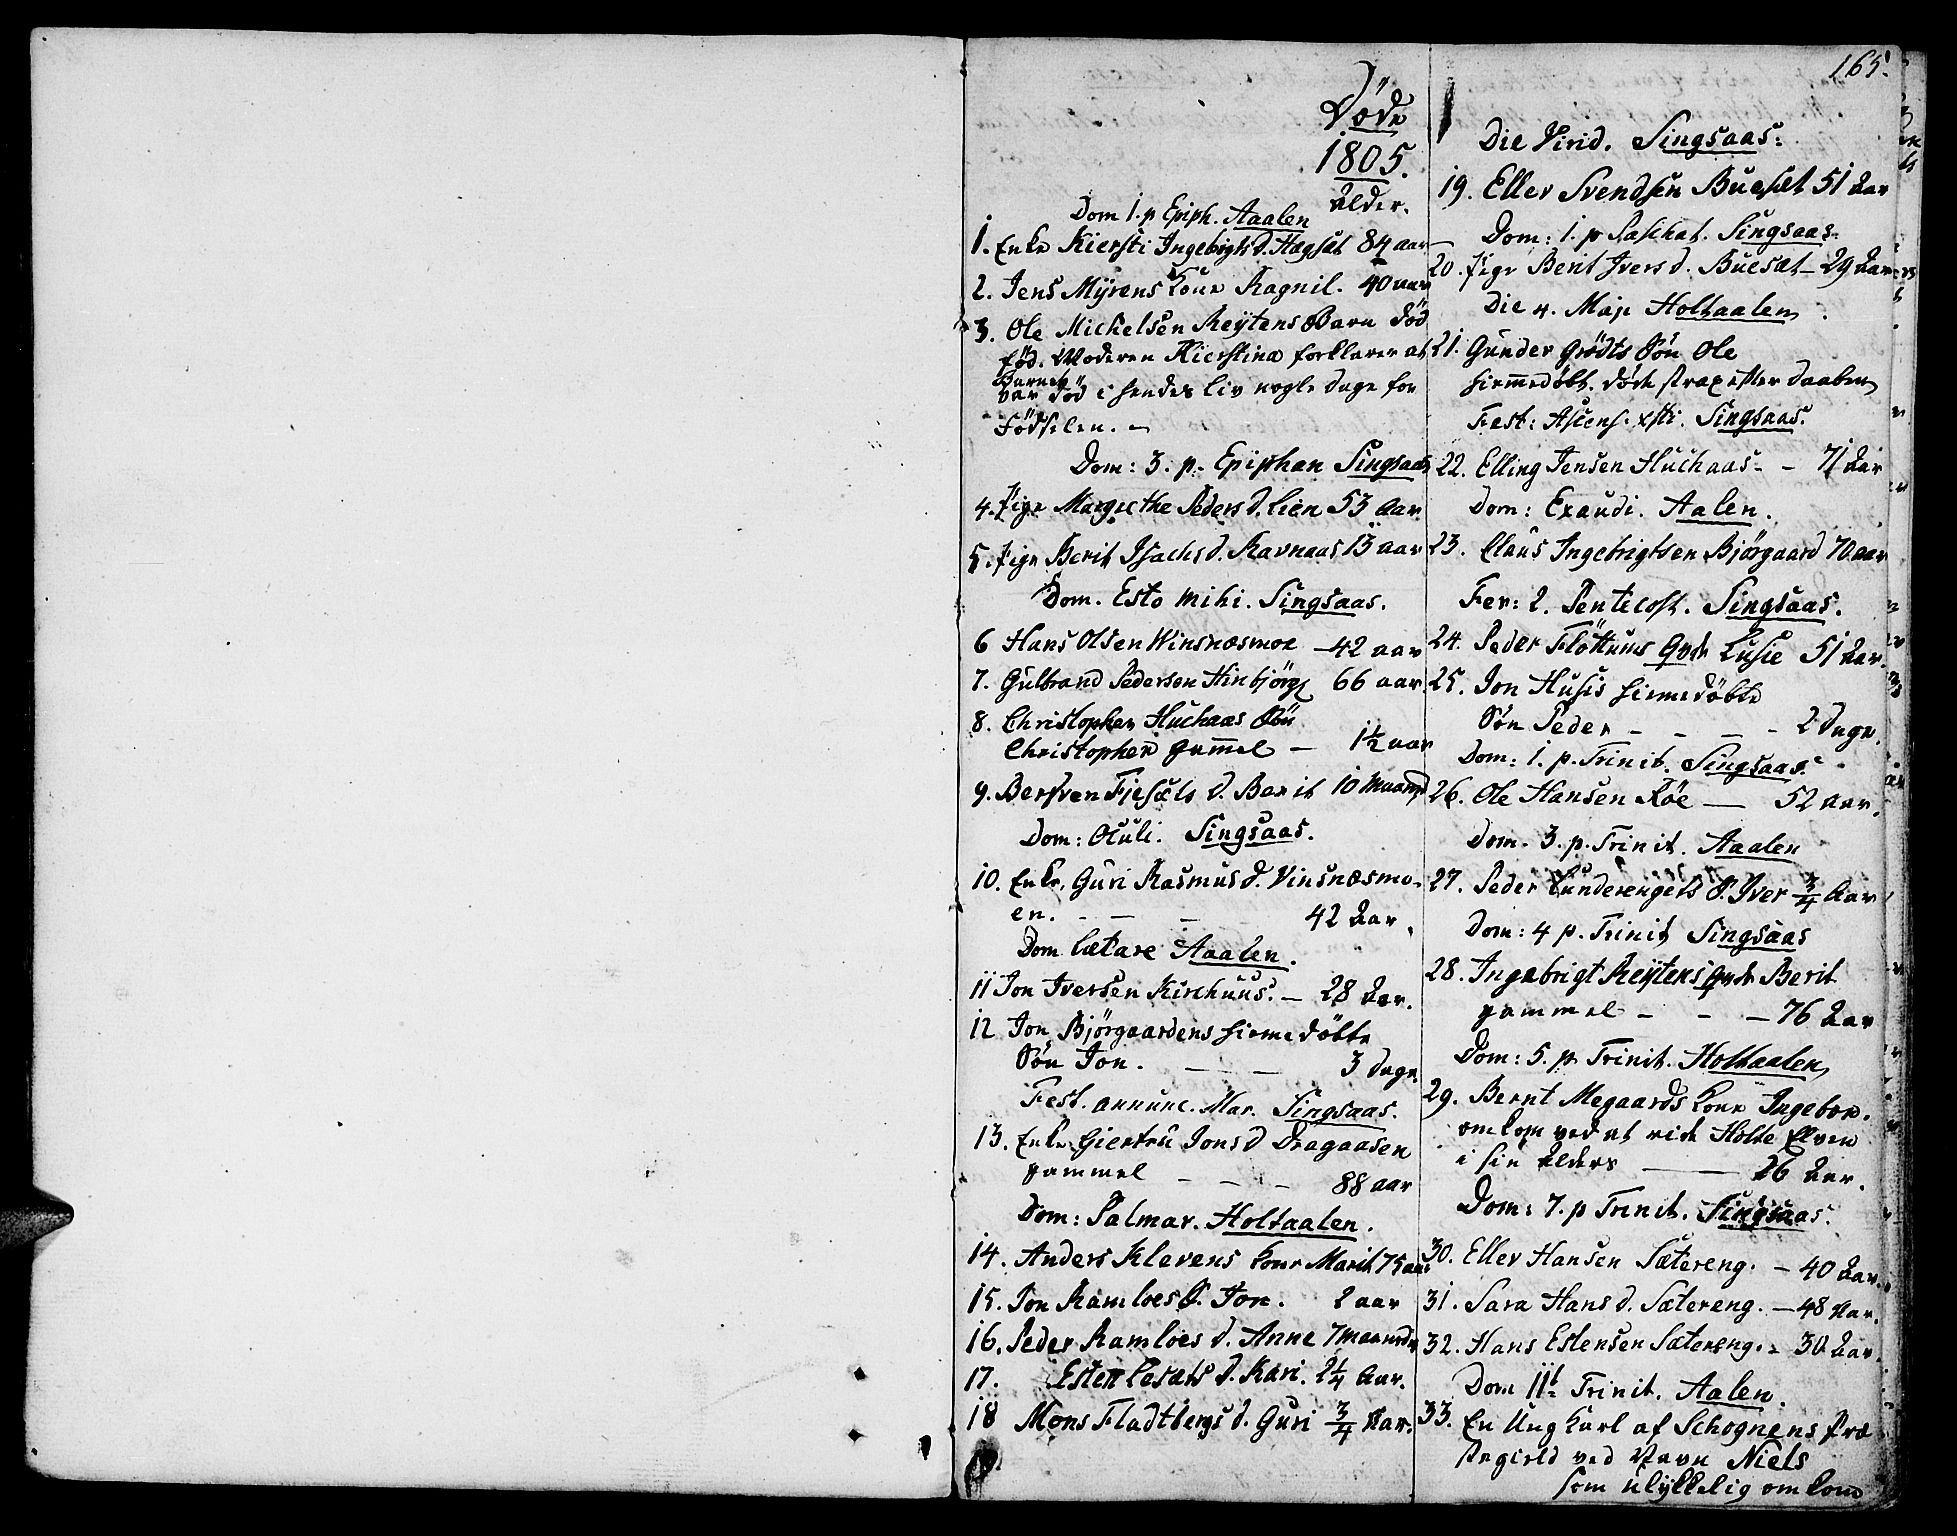 SAT, Ministerialprotokoller, klokkerbøker og fødselsregistre - Sør-Trøndelag, 685/L0953: Ministerialbok nr. 685A02, 1805-1816, s. 165